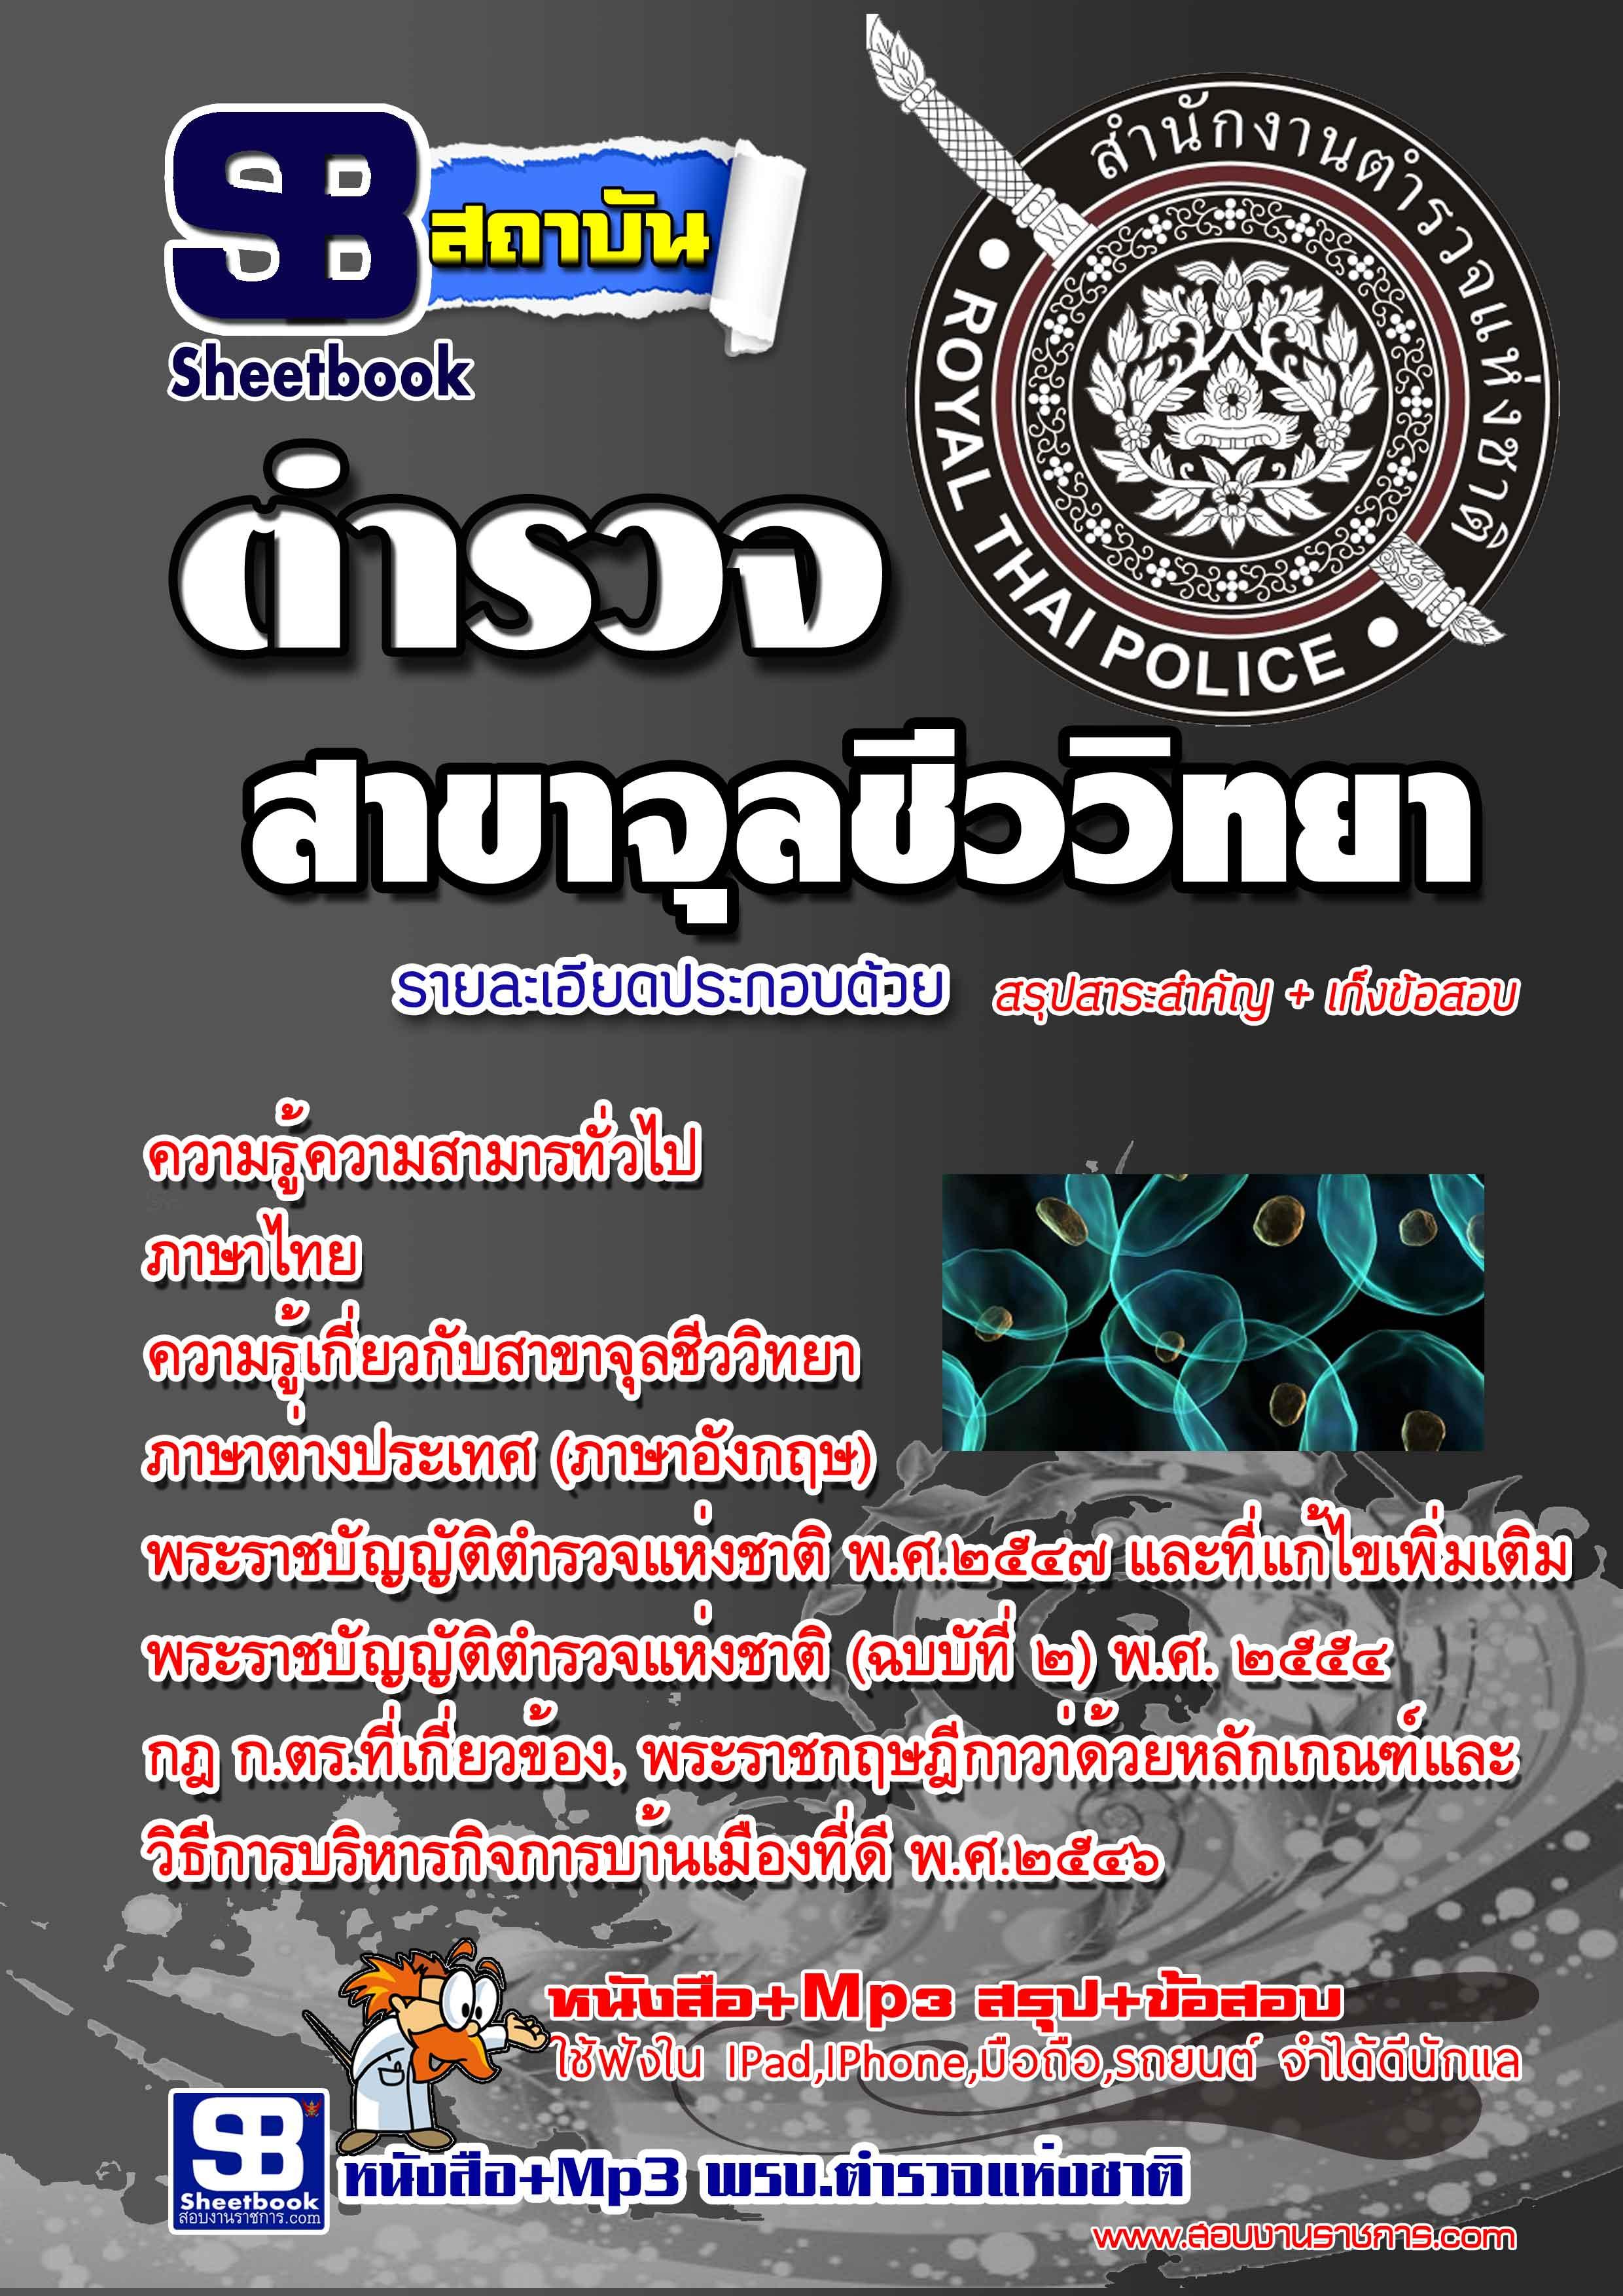 คู่มือสอบ แนวข้อสอบตำรวจ สาขาจุลชีววิทยา (หนังสือ+MP3)